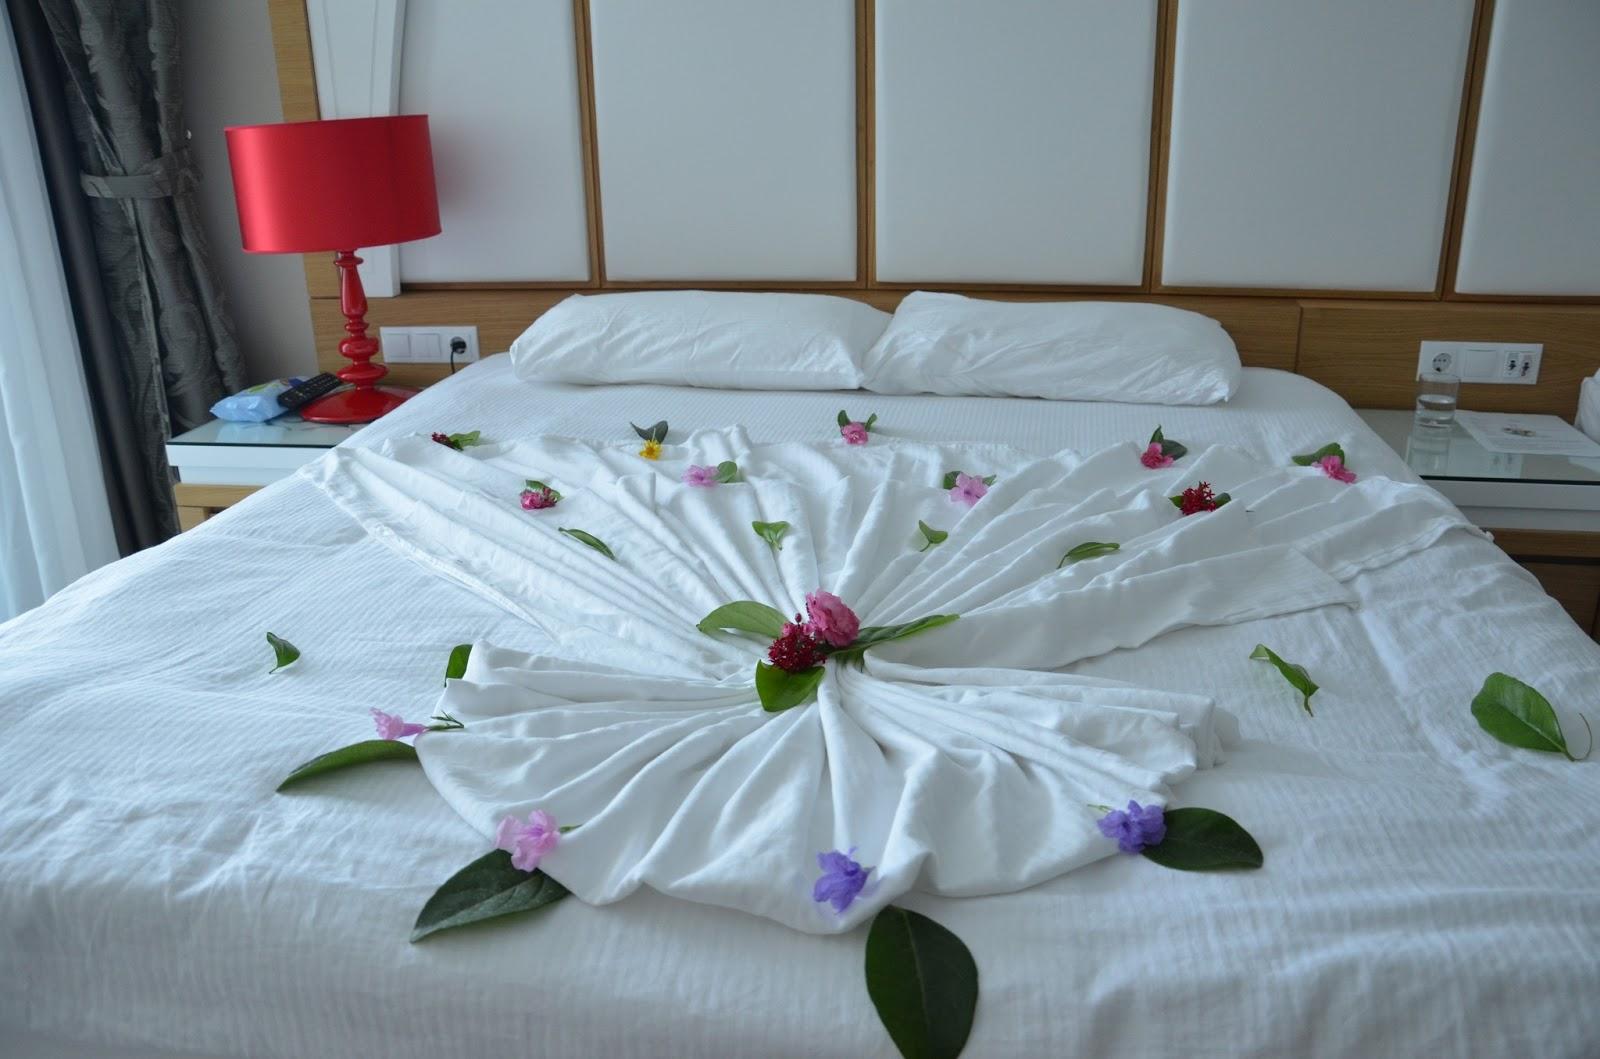 Секс в лепестках роз на кровати 4 фотография